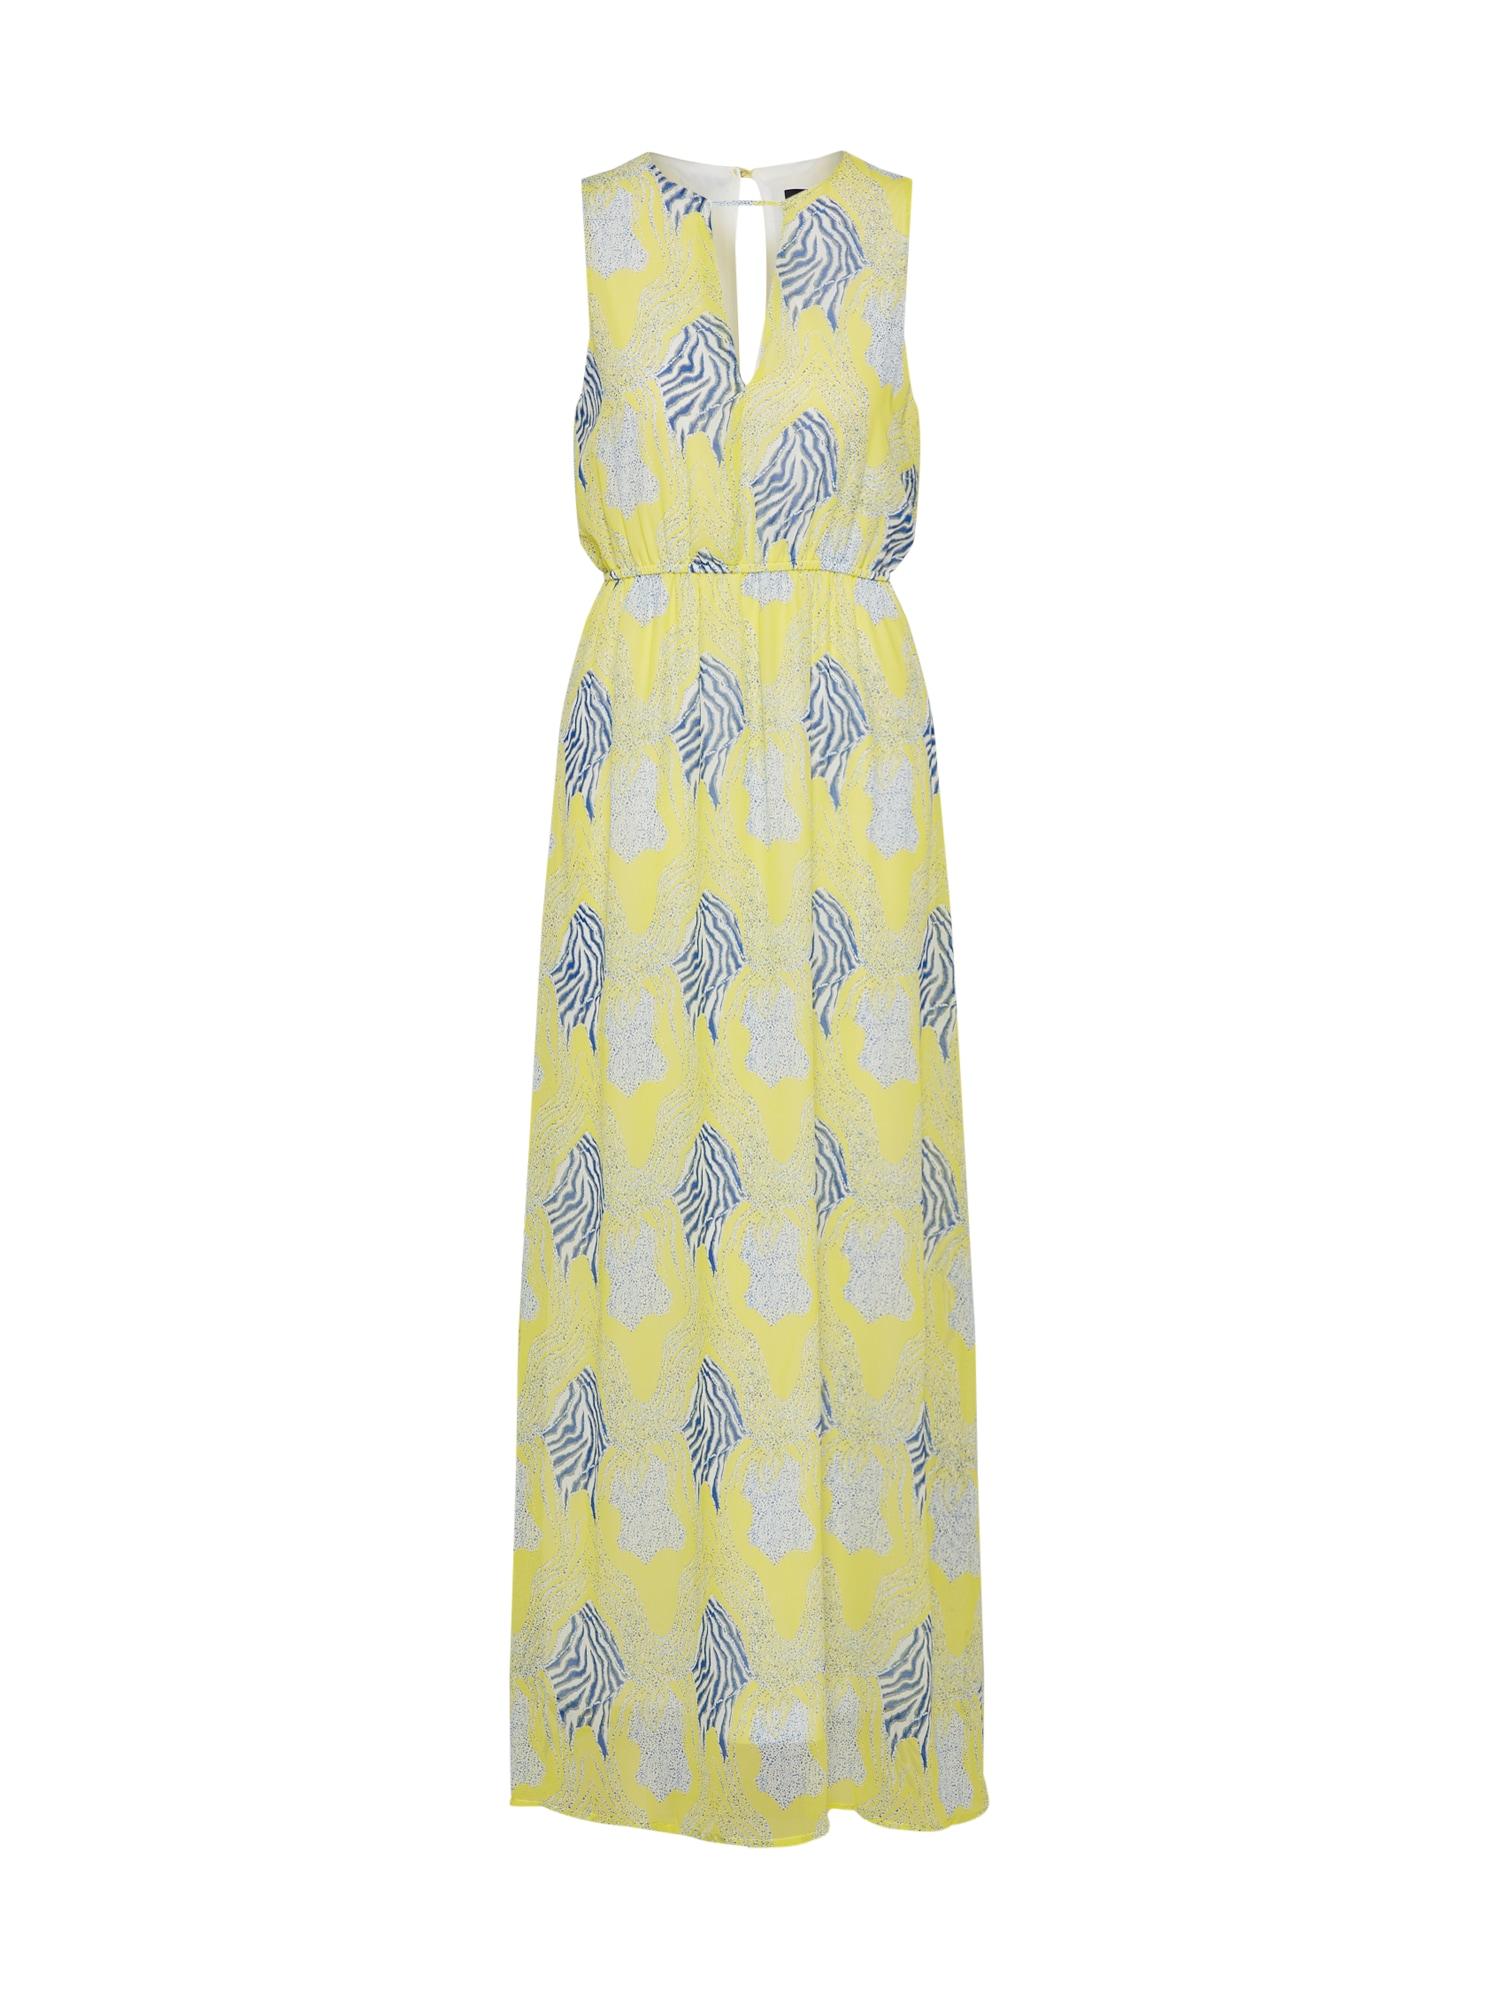 Letní šaty GUESS nebeská modř světle žlutá bílá SISTERS POINT